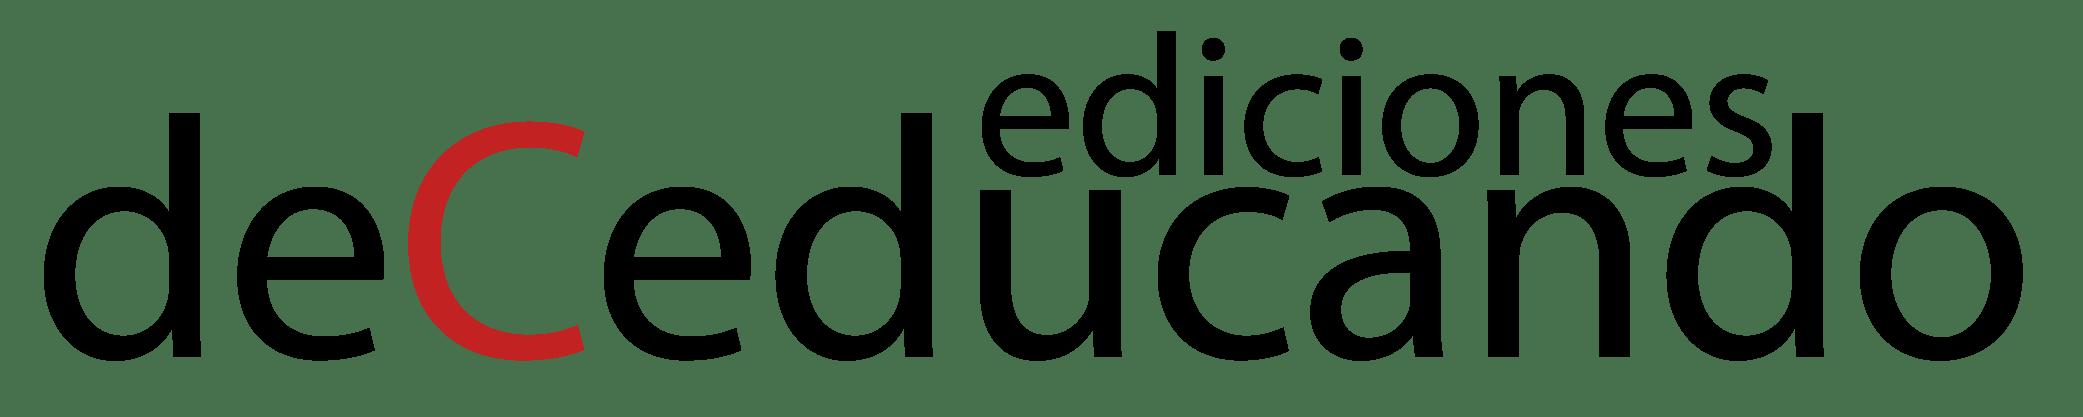 Ediciones Deceducando